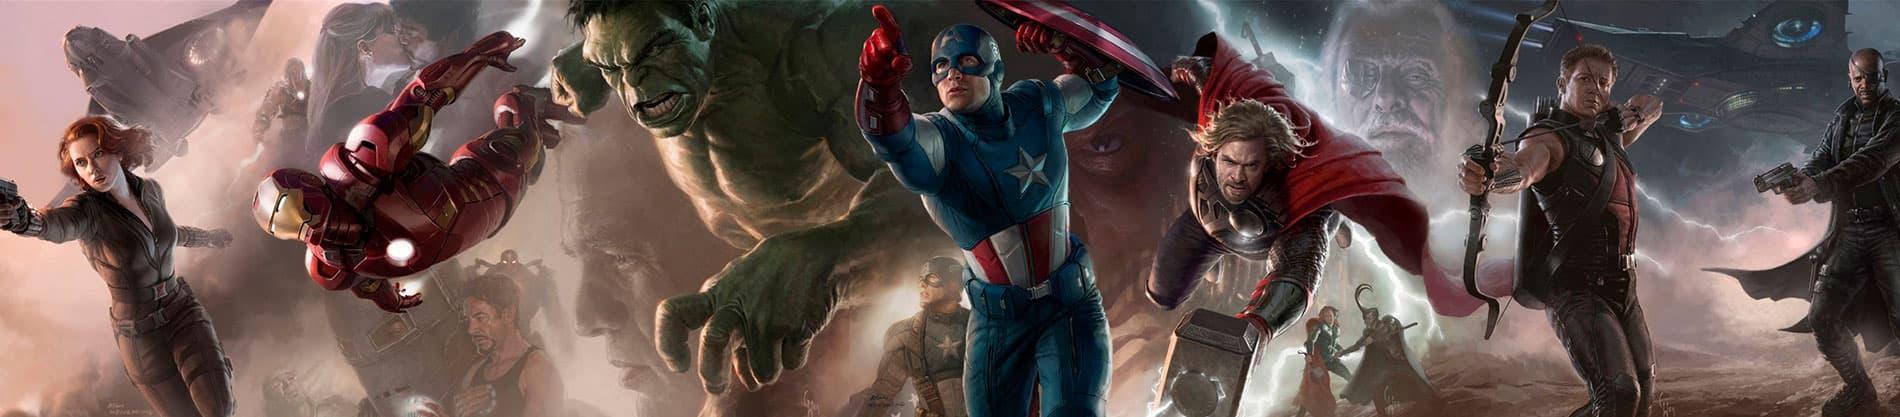 Los 10 superhéroes más poderosos y fuertes de Marvel